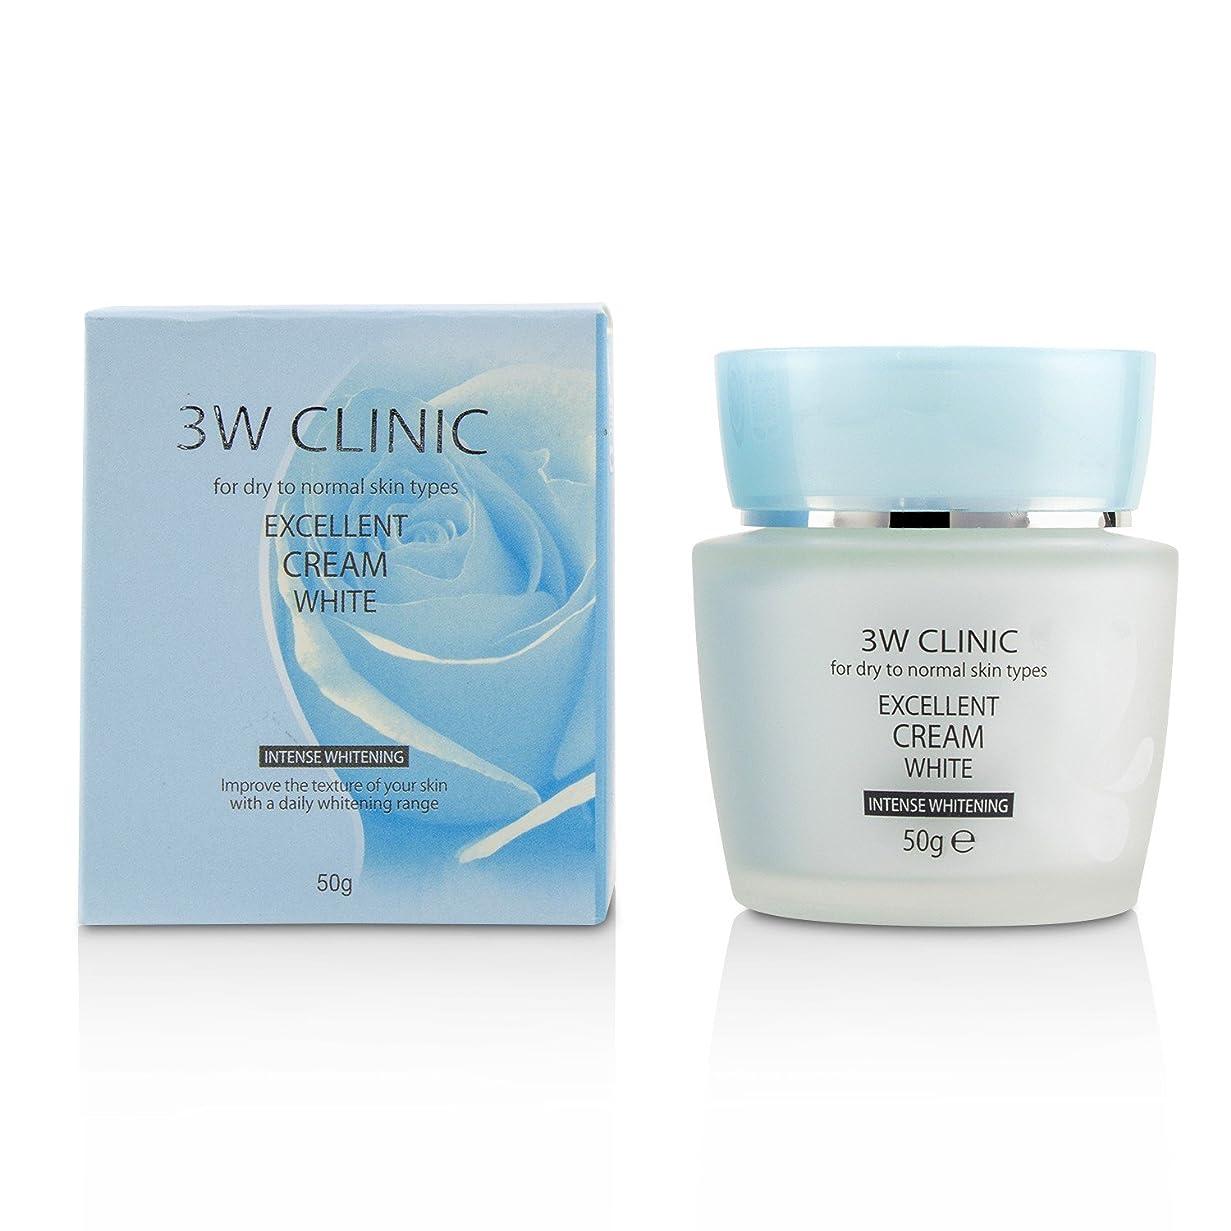 消化器スクリーチスチュワーデス3Wクリニック Excellent White Cream (Intensive Whitening) - For Dry to Normal Skin Types 50g/1.7oz並行輸入品